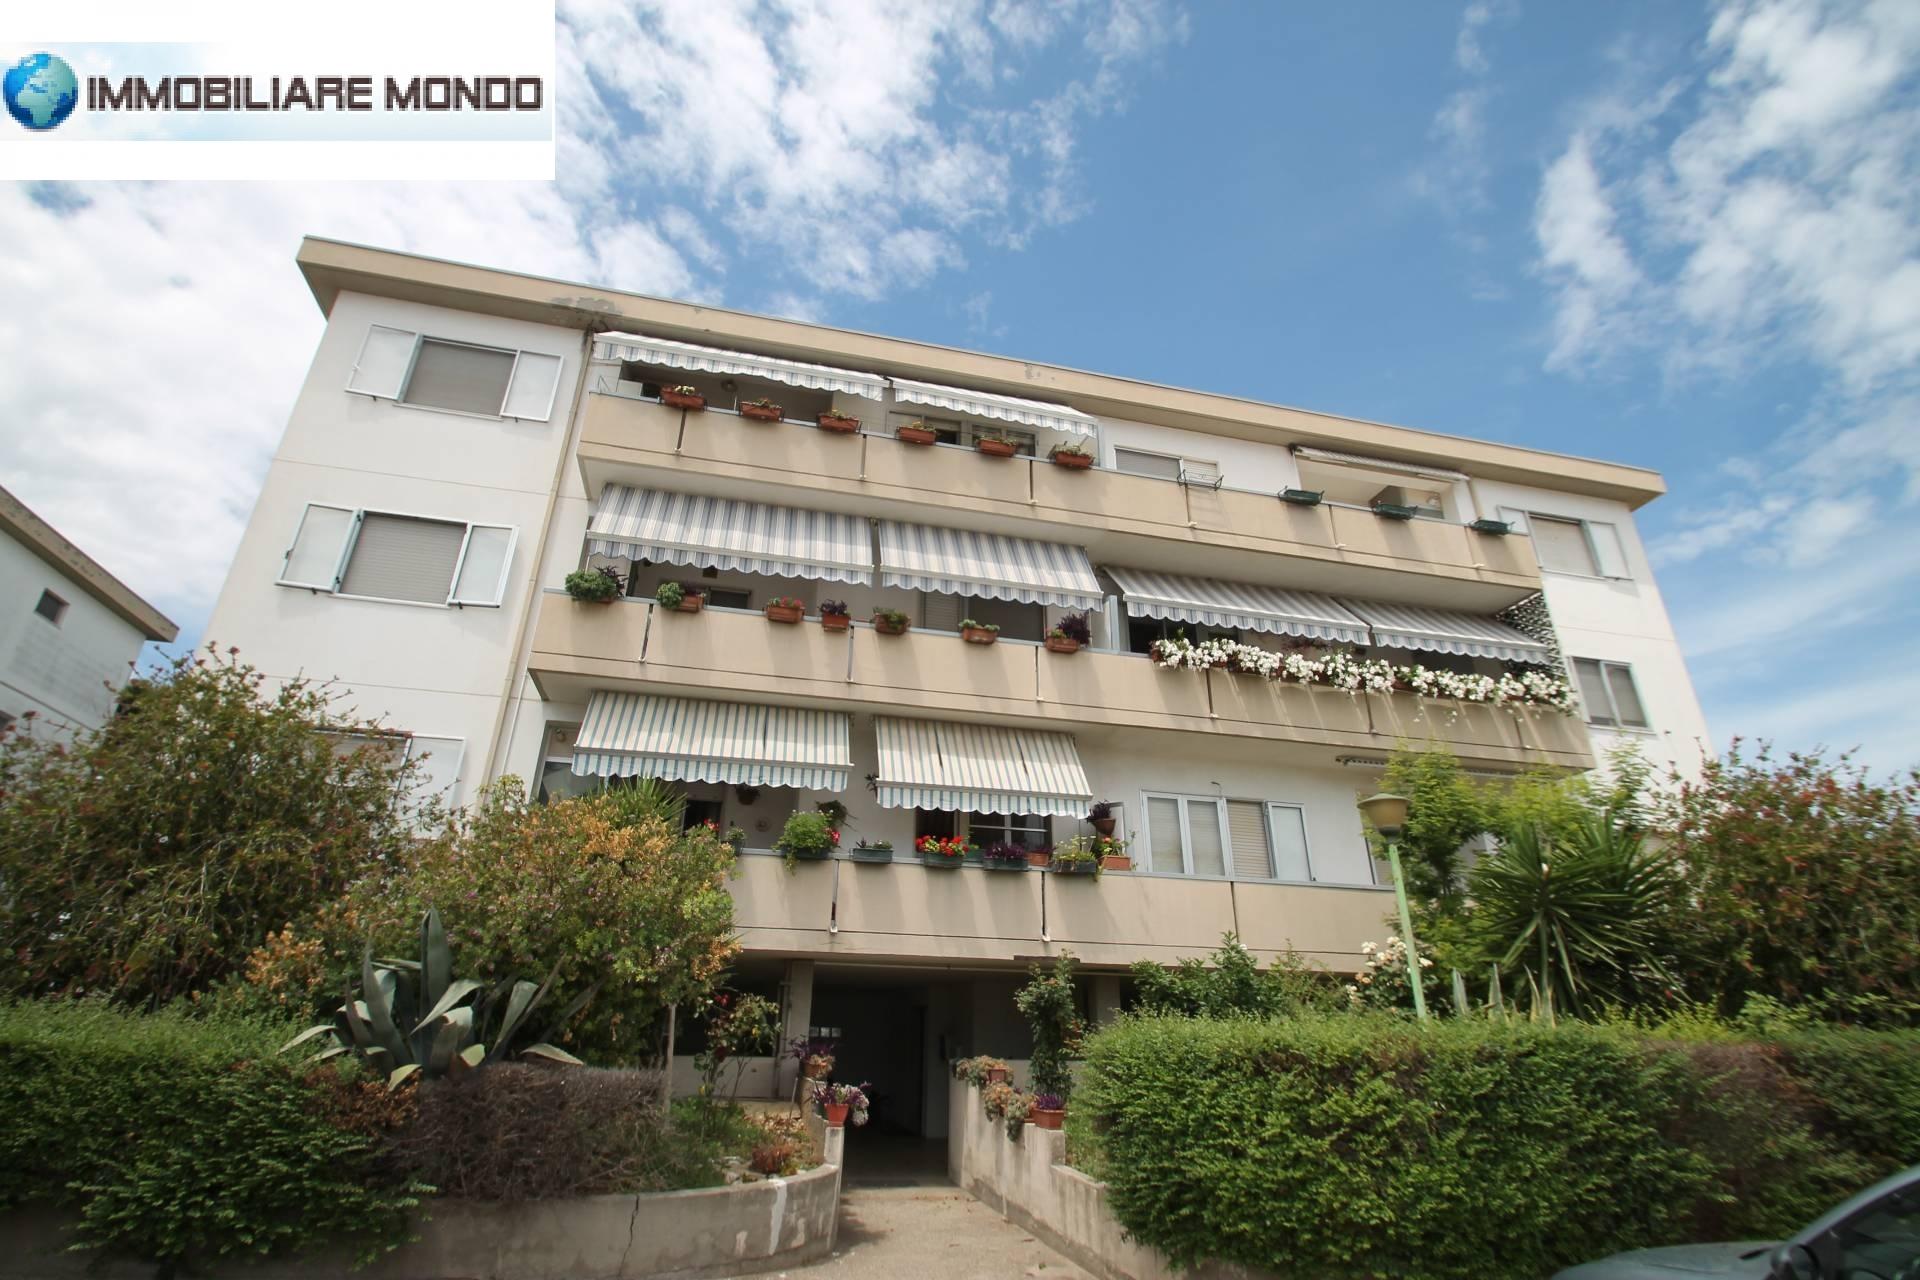 vendita appartamento termoli difesa grande  120000 euro  5 locali  100 mq